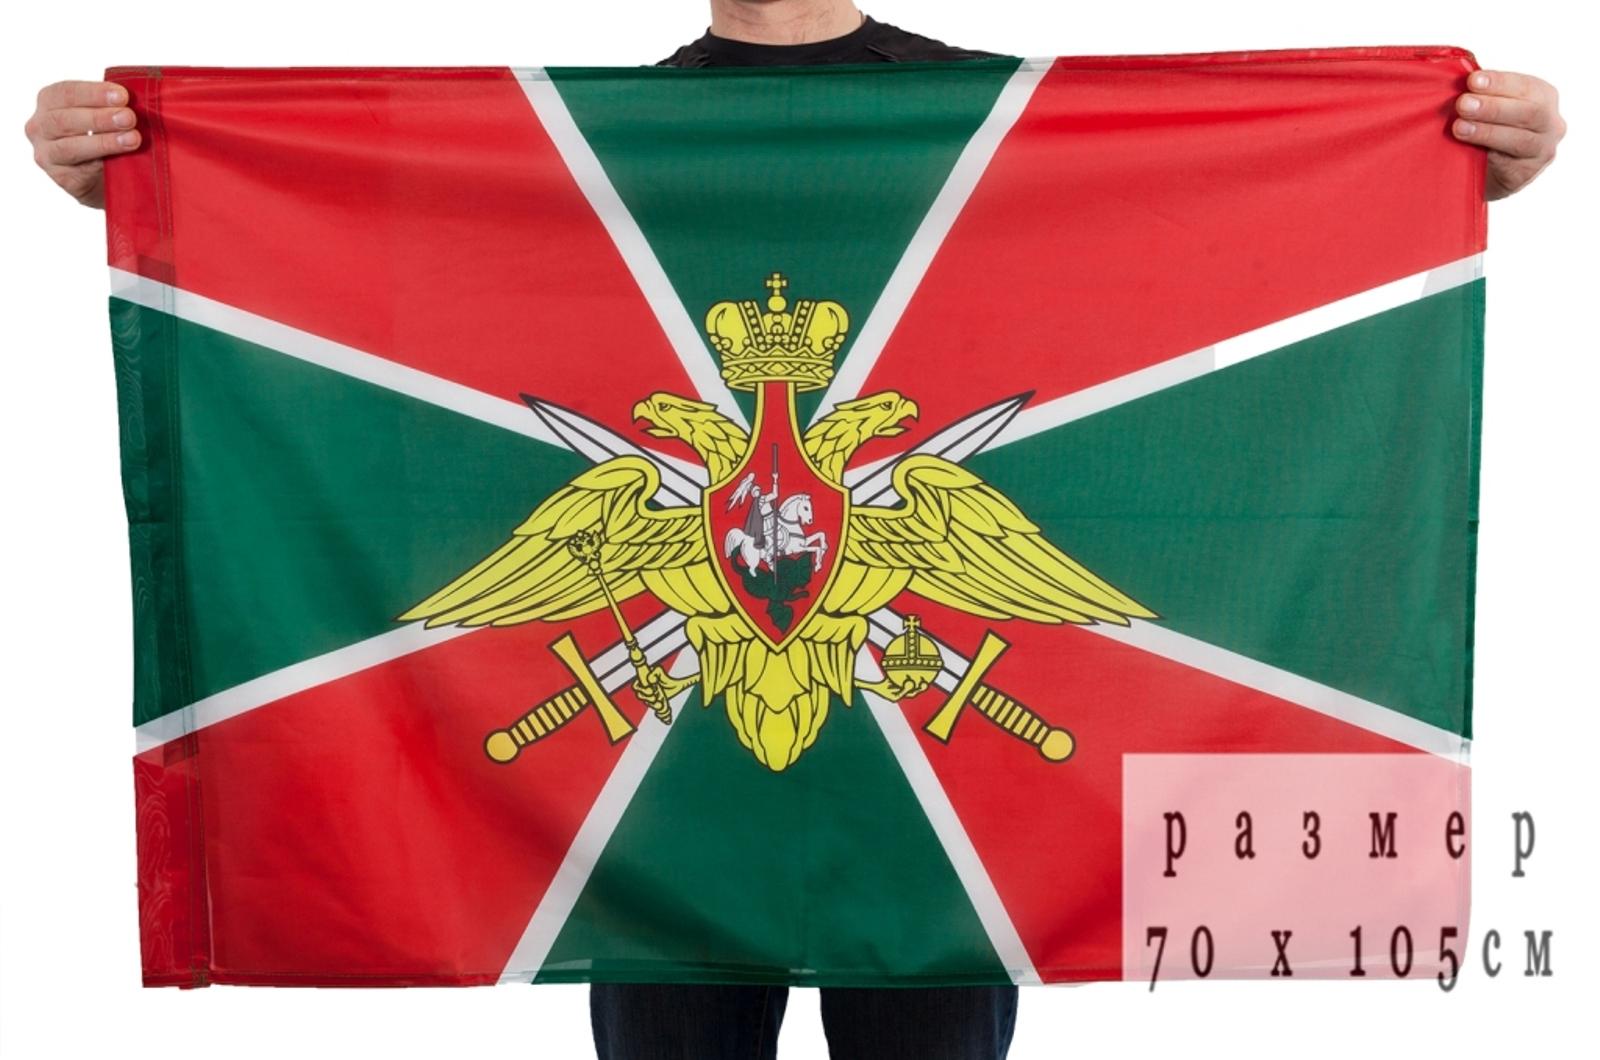 Купить флаг Пограничных войск России (на сетке)